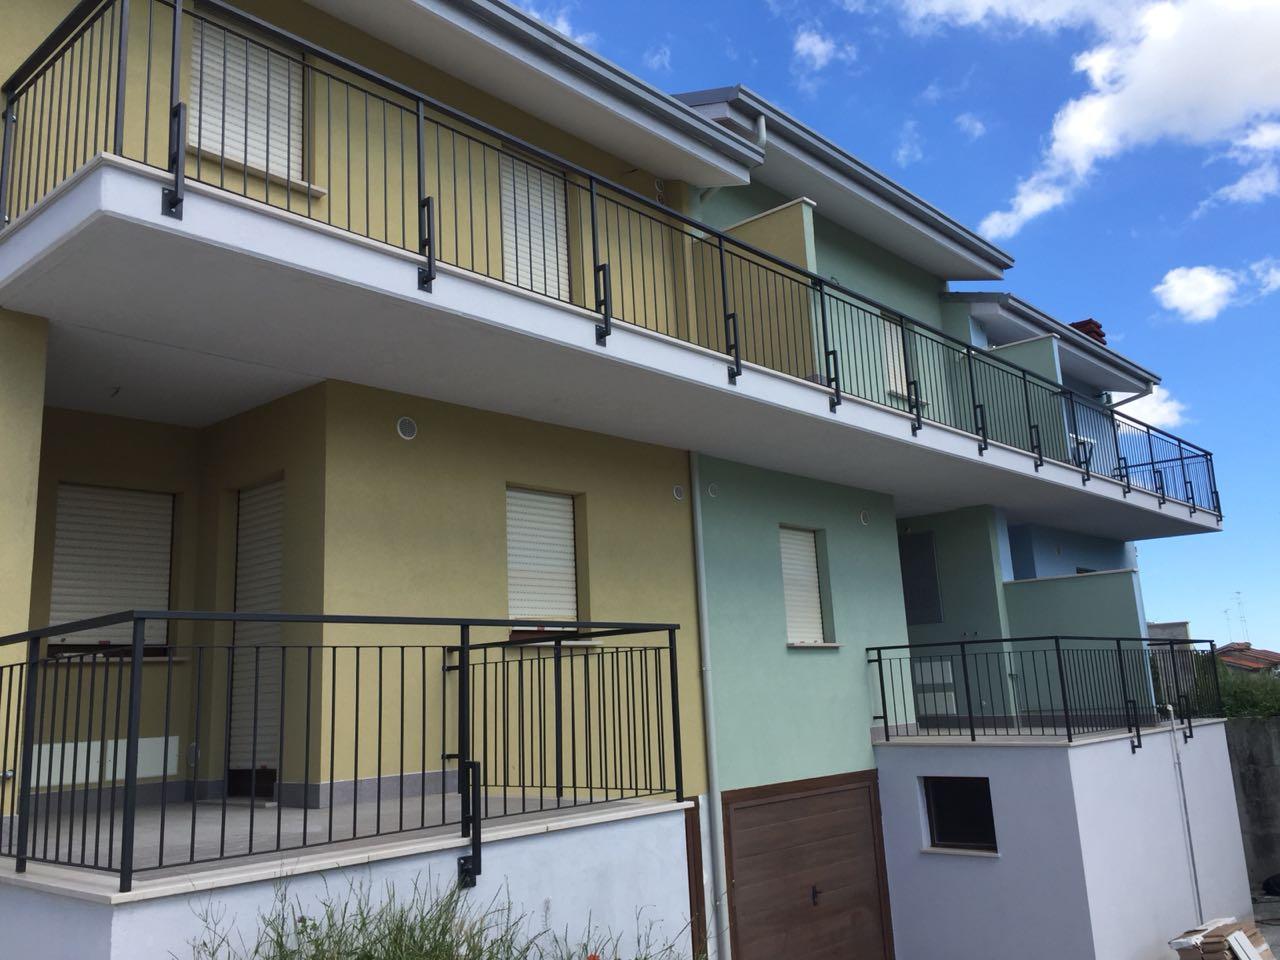 rif 1084 Mafalda (CB) – Villetta a Schiera nuova costruzione